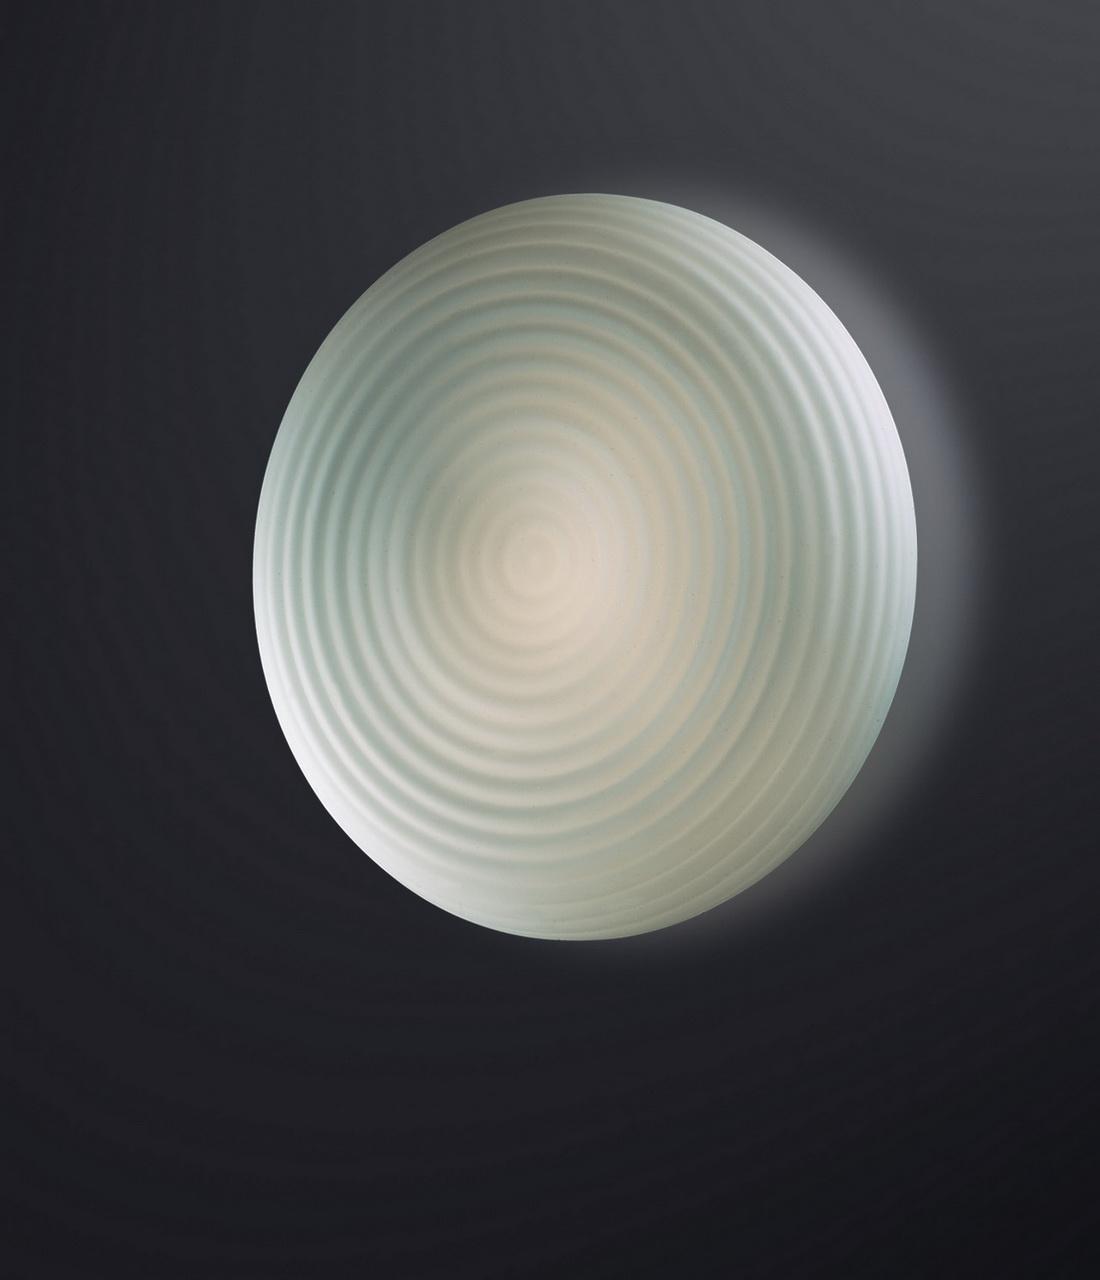 все цены на Потолочный светильник Odeon Light 2178/1C, белый онлайн